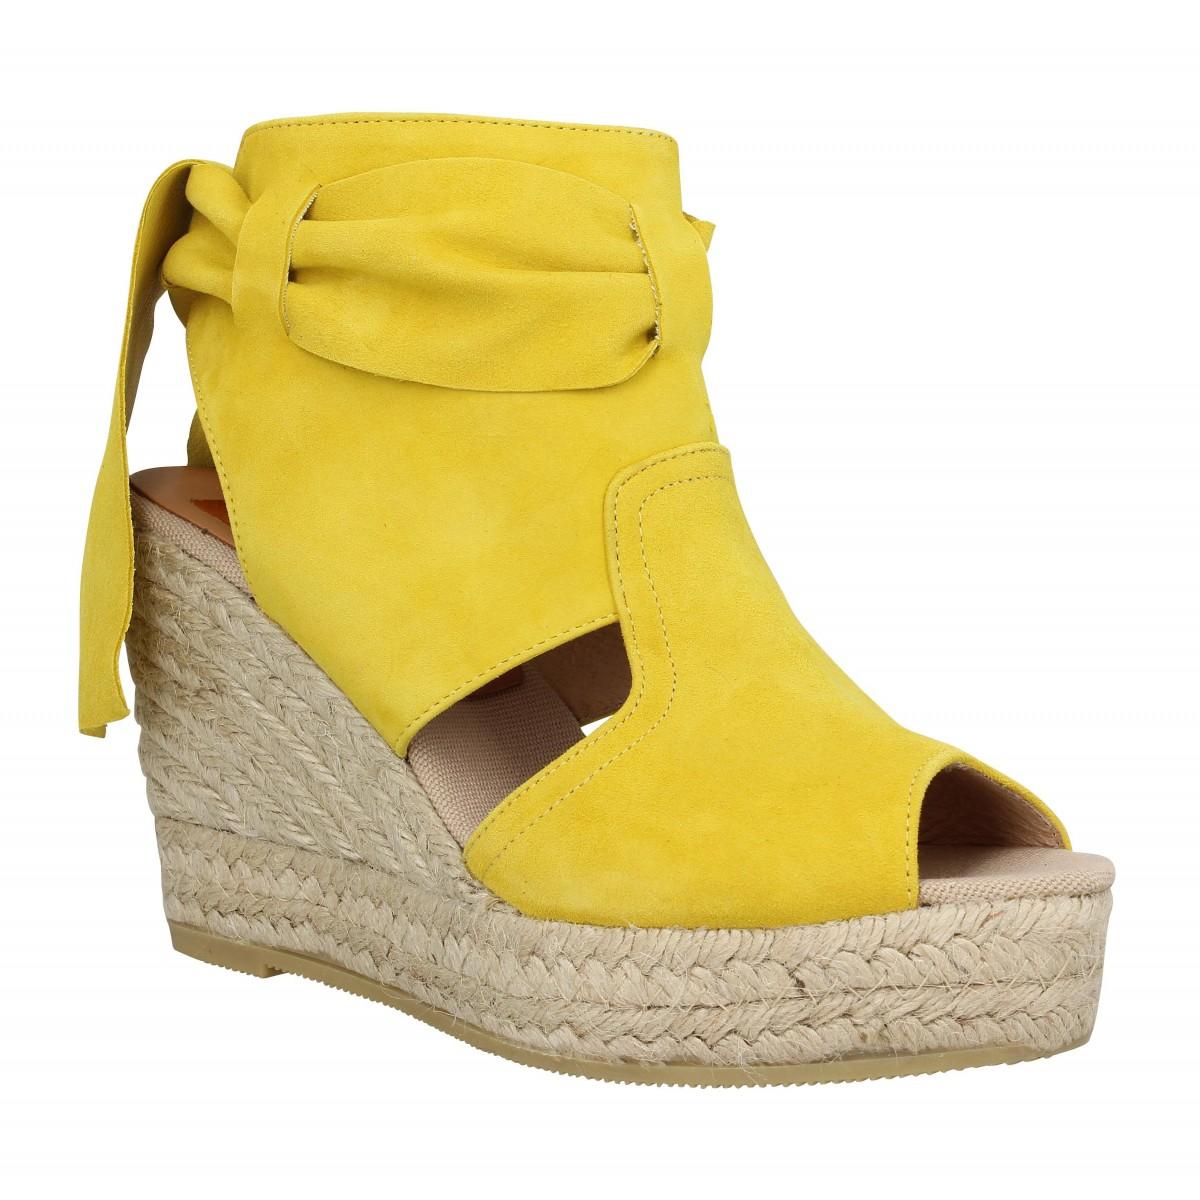 Chaussures à talon compensé jaunes femme P4ZtRO